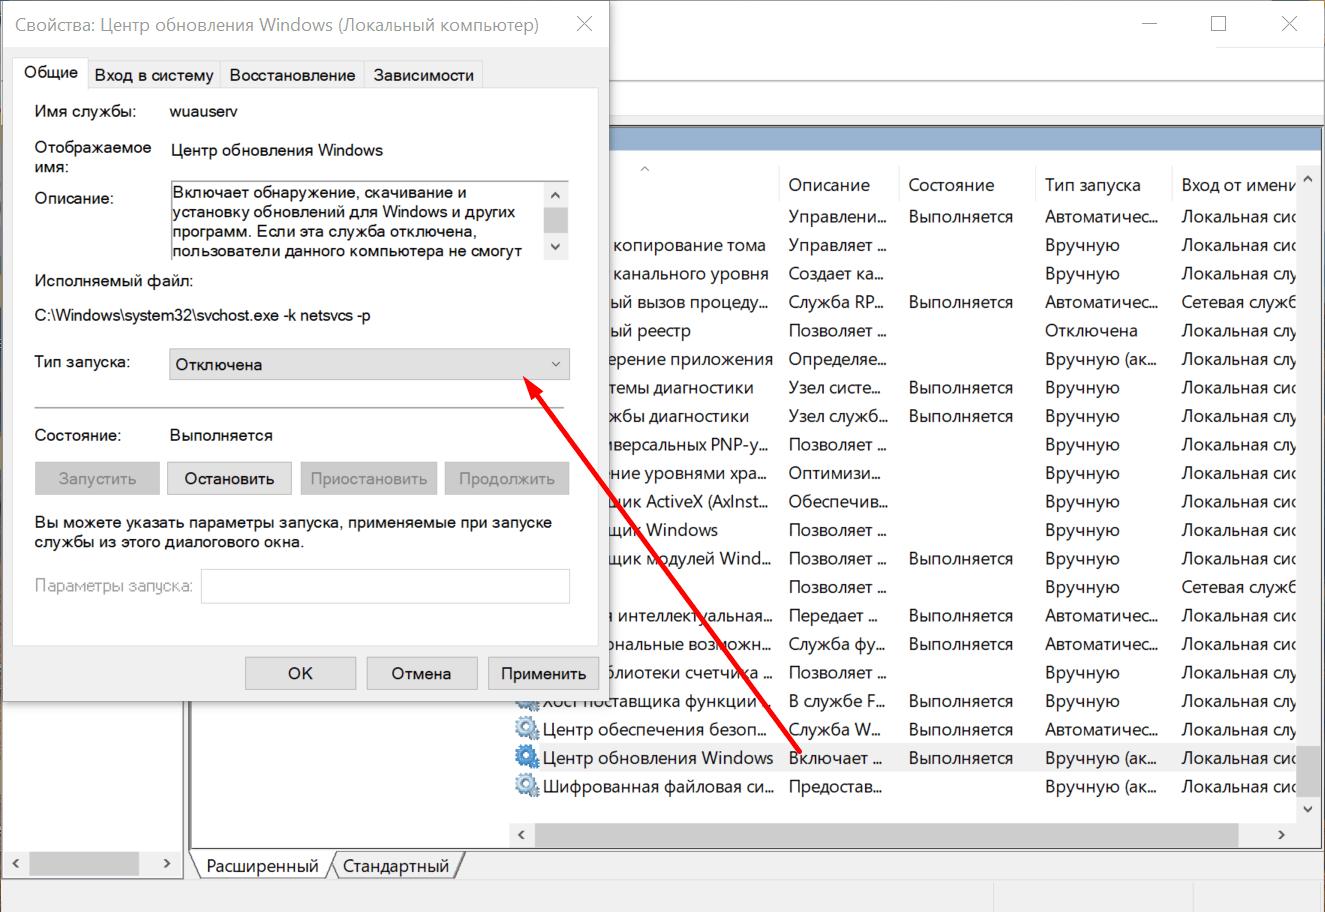 Центр обновления Windows тип запуска